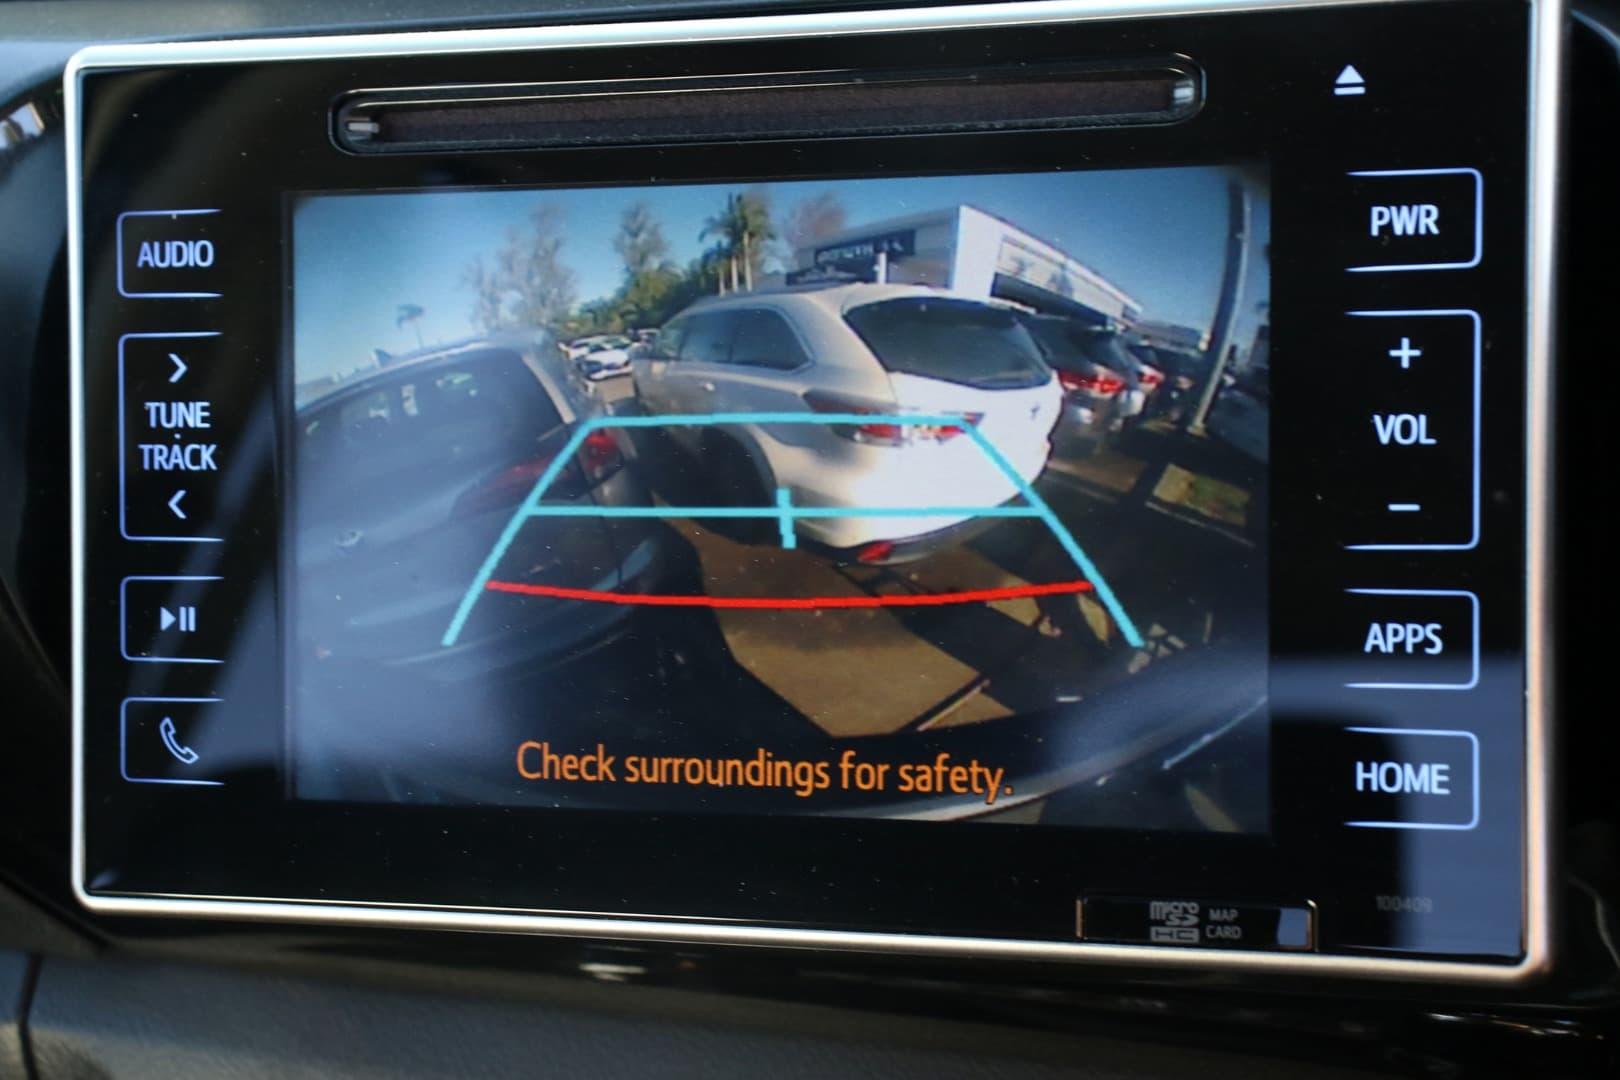 2019 Toyota Hilux SR5 Auto 4x4 Double Cab - image 14